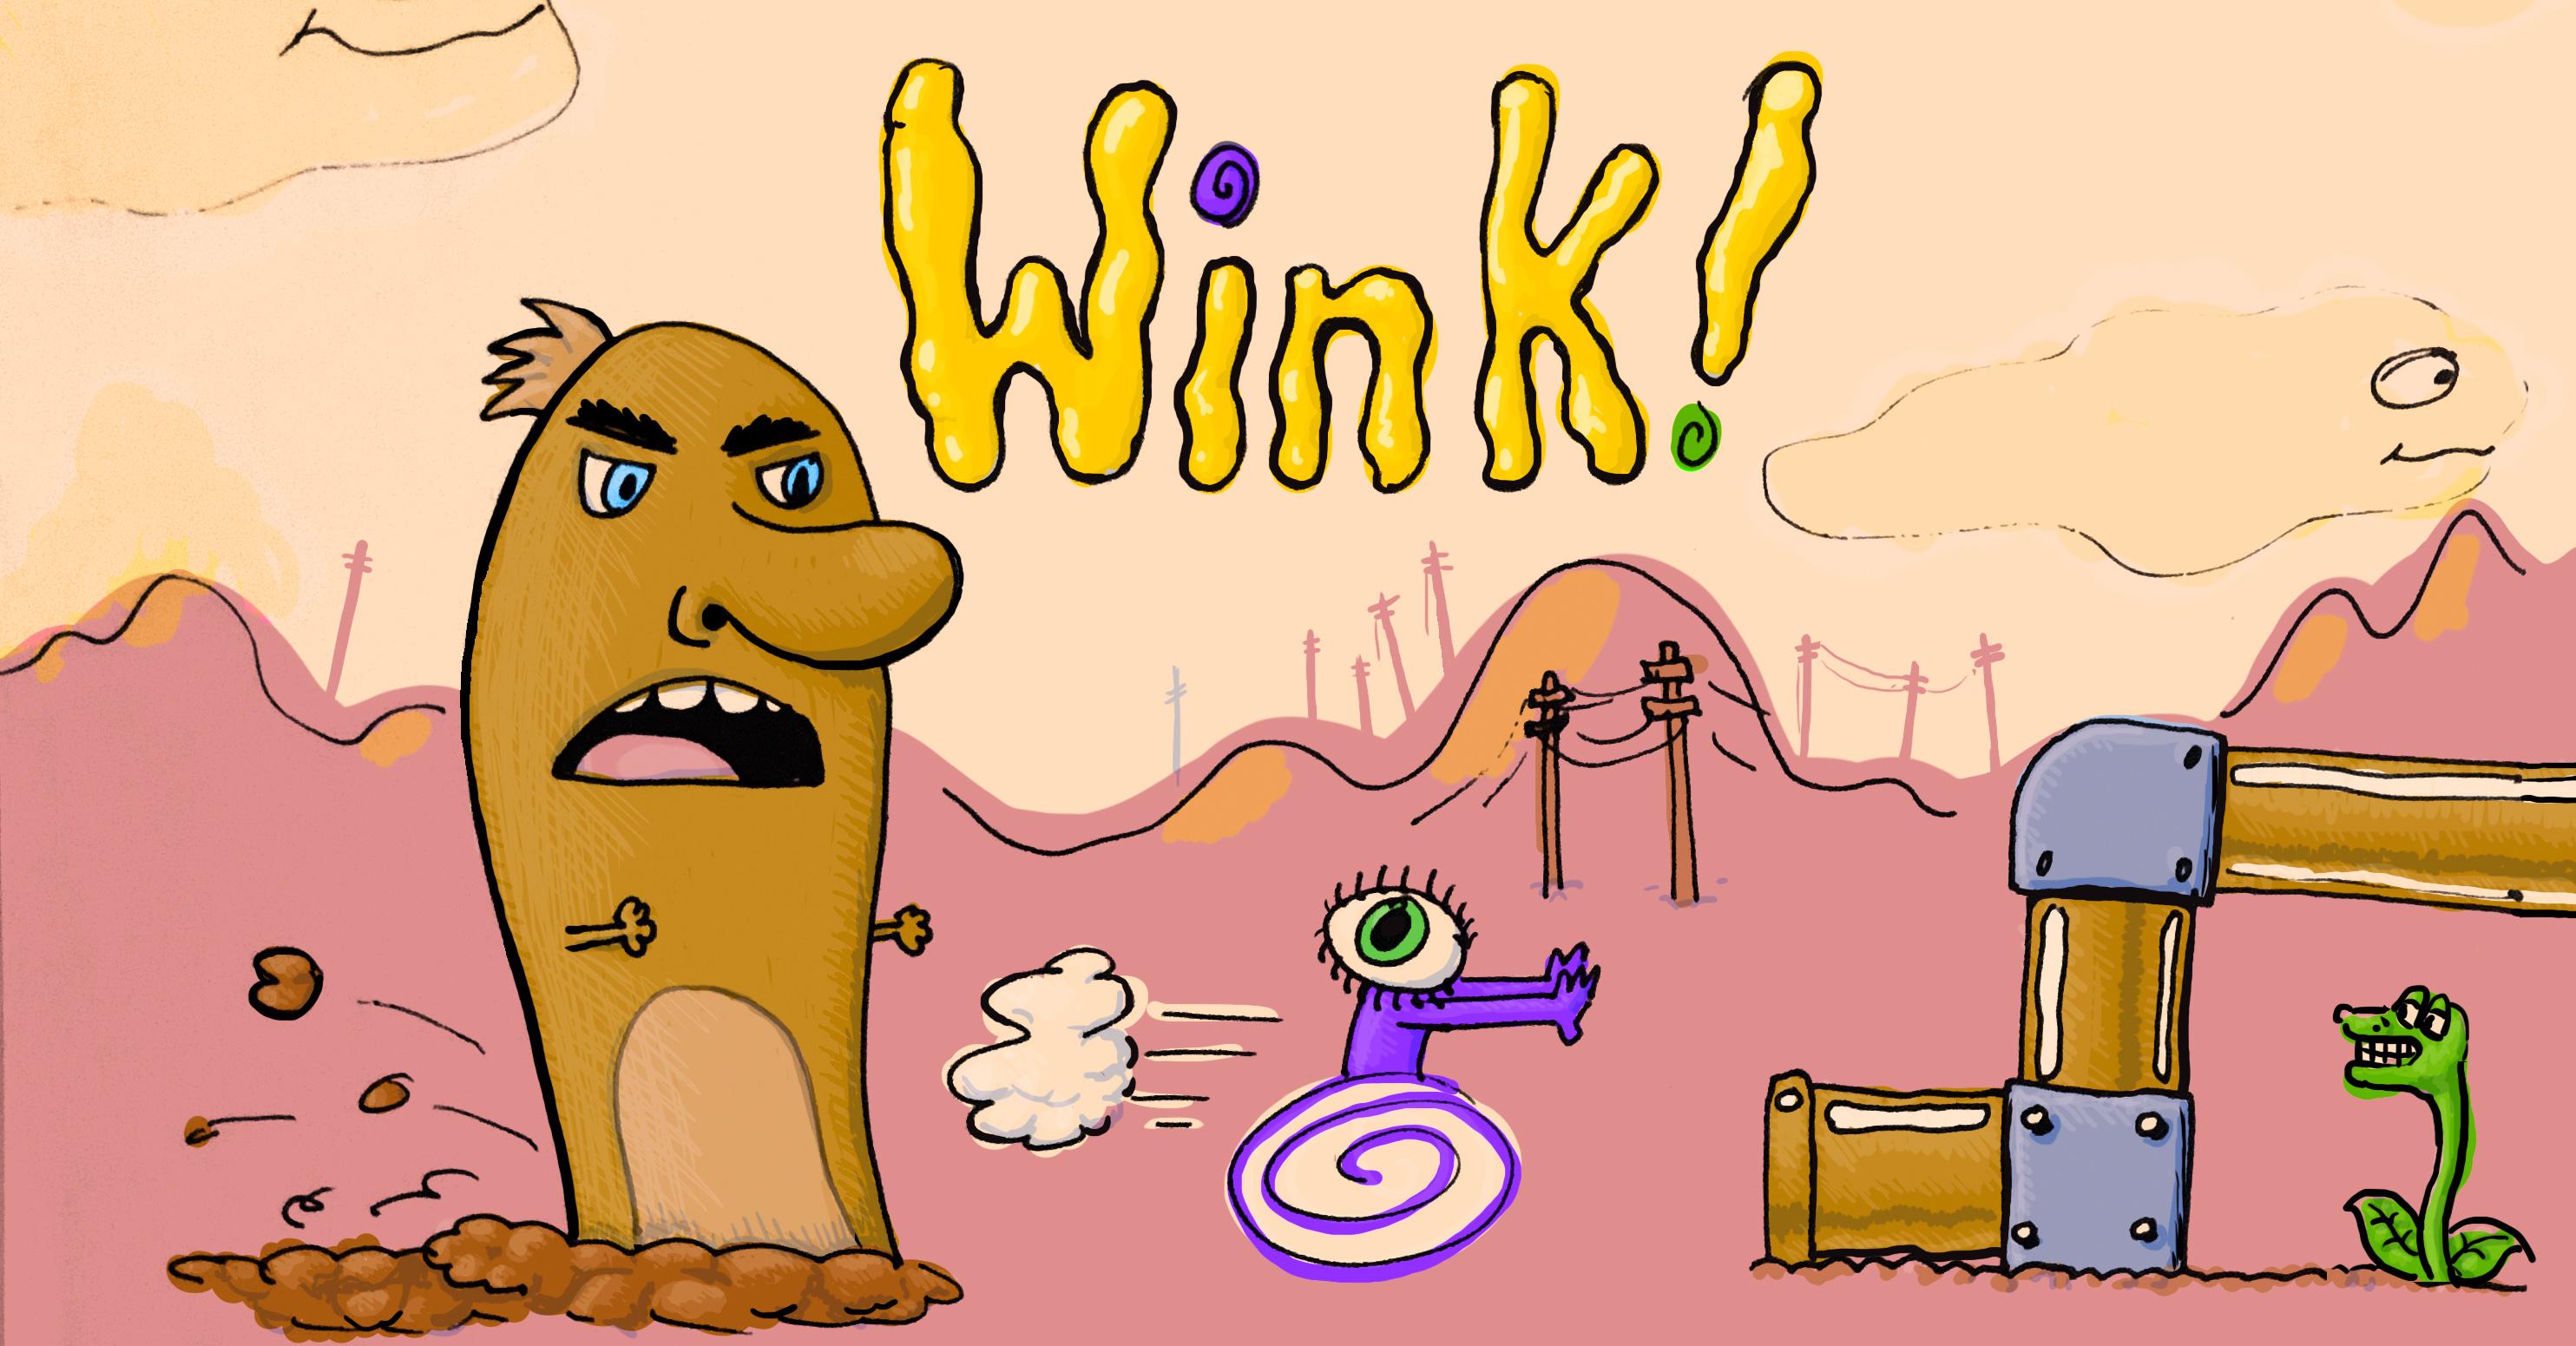 Wink GameBoy - Beta 4